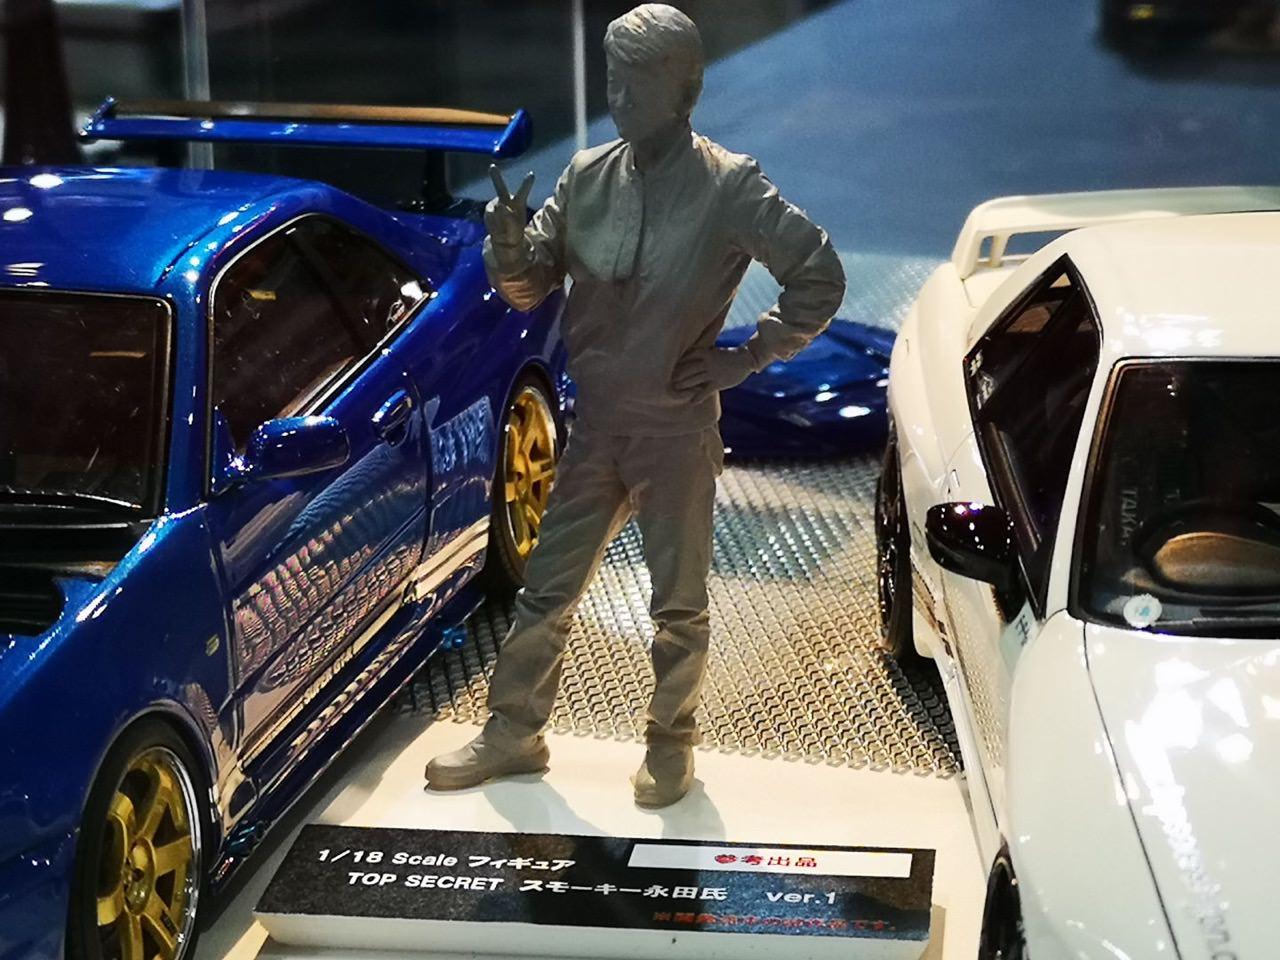 「【東京オートサロン2019】憧れのトップシークレットのコンプリートカーを購入できるチャンス!?」の8枚目の画像